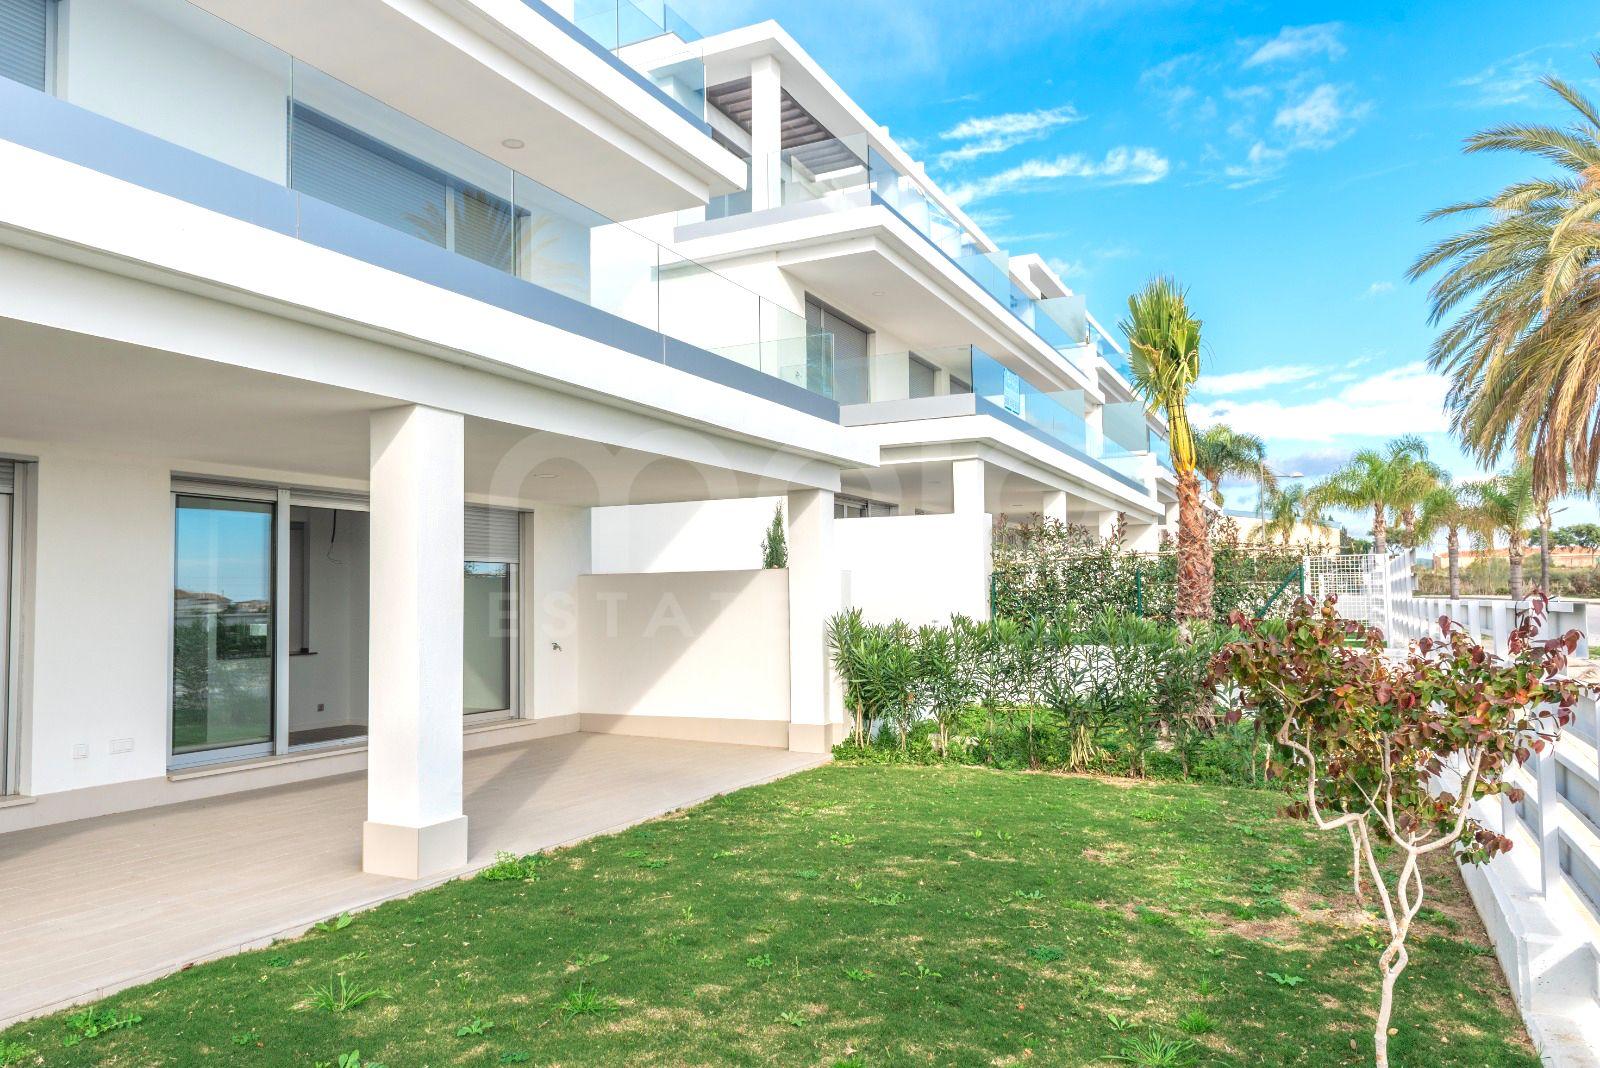 Appartement begane grond te koop in Cancelada, Estepona